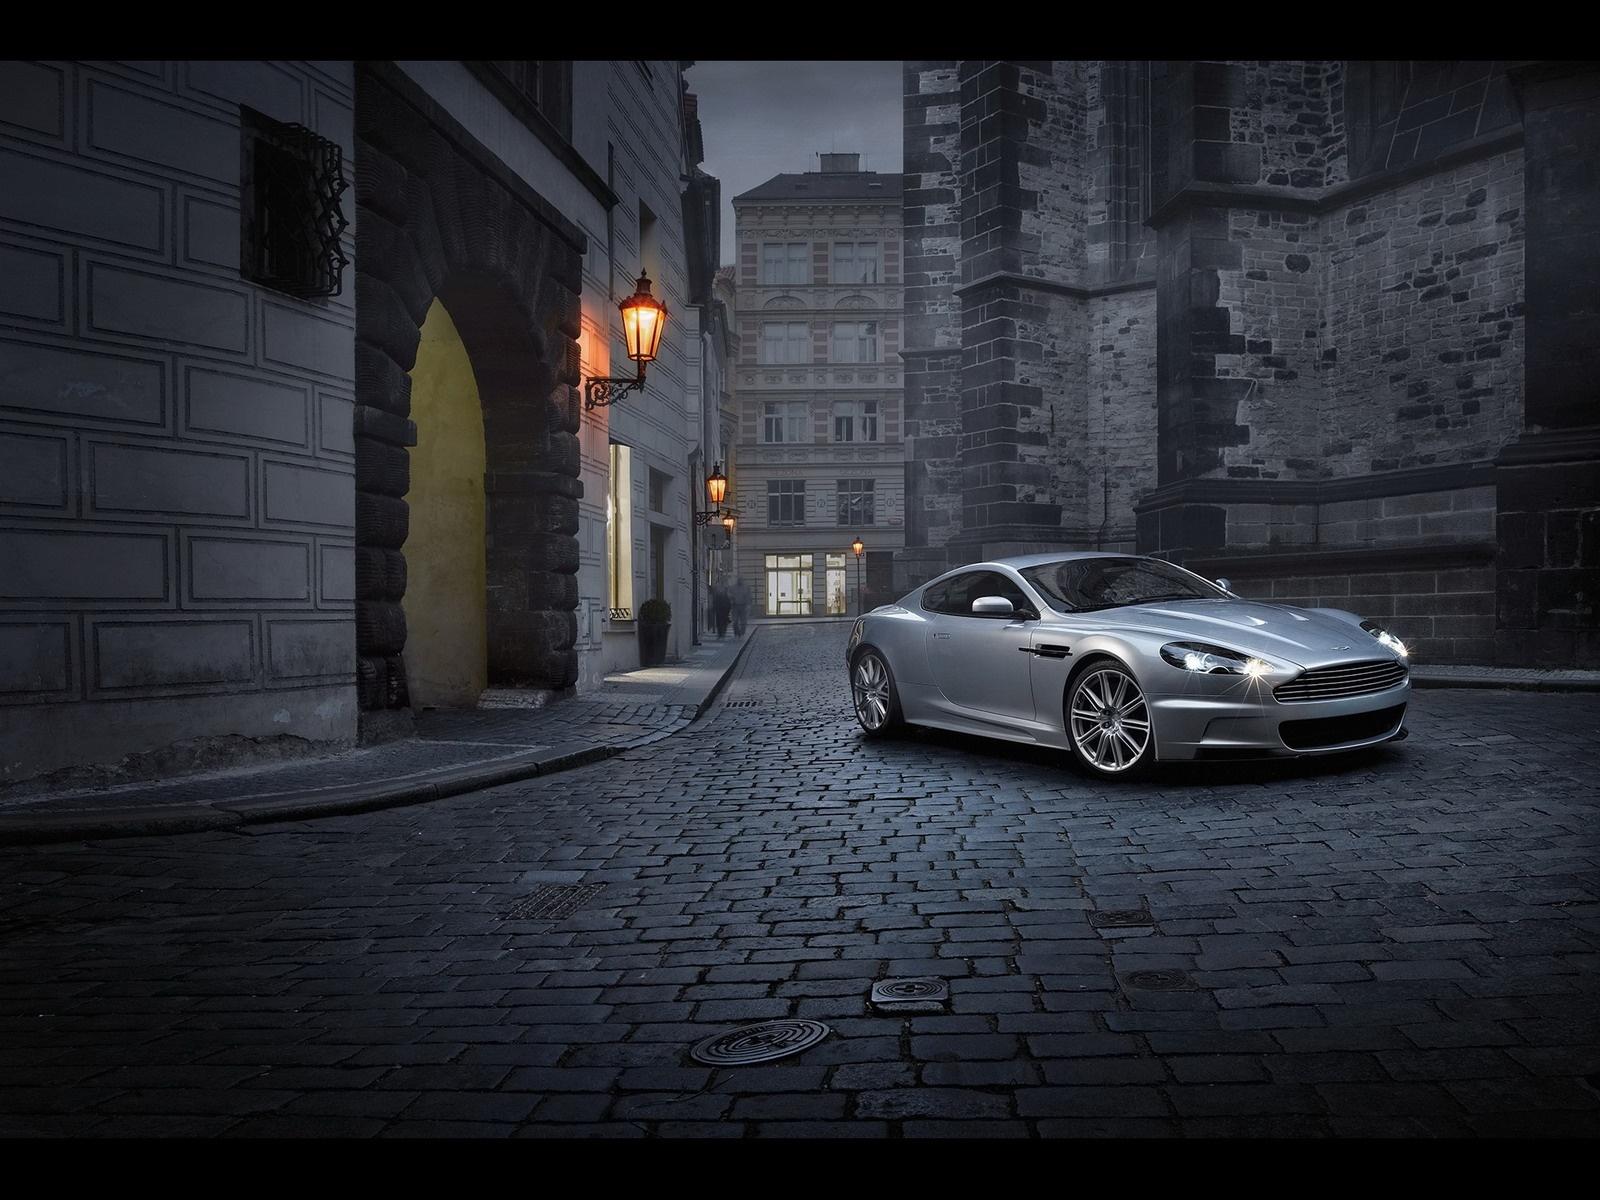 9648 скачать обои Транспорт, Машины, Астон Мартин (Aston Martin) - заставки и картинки бесплатно